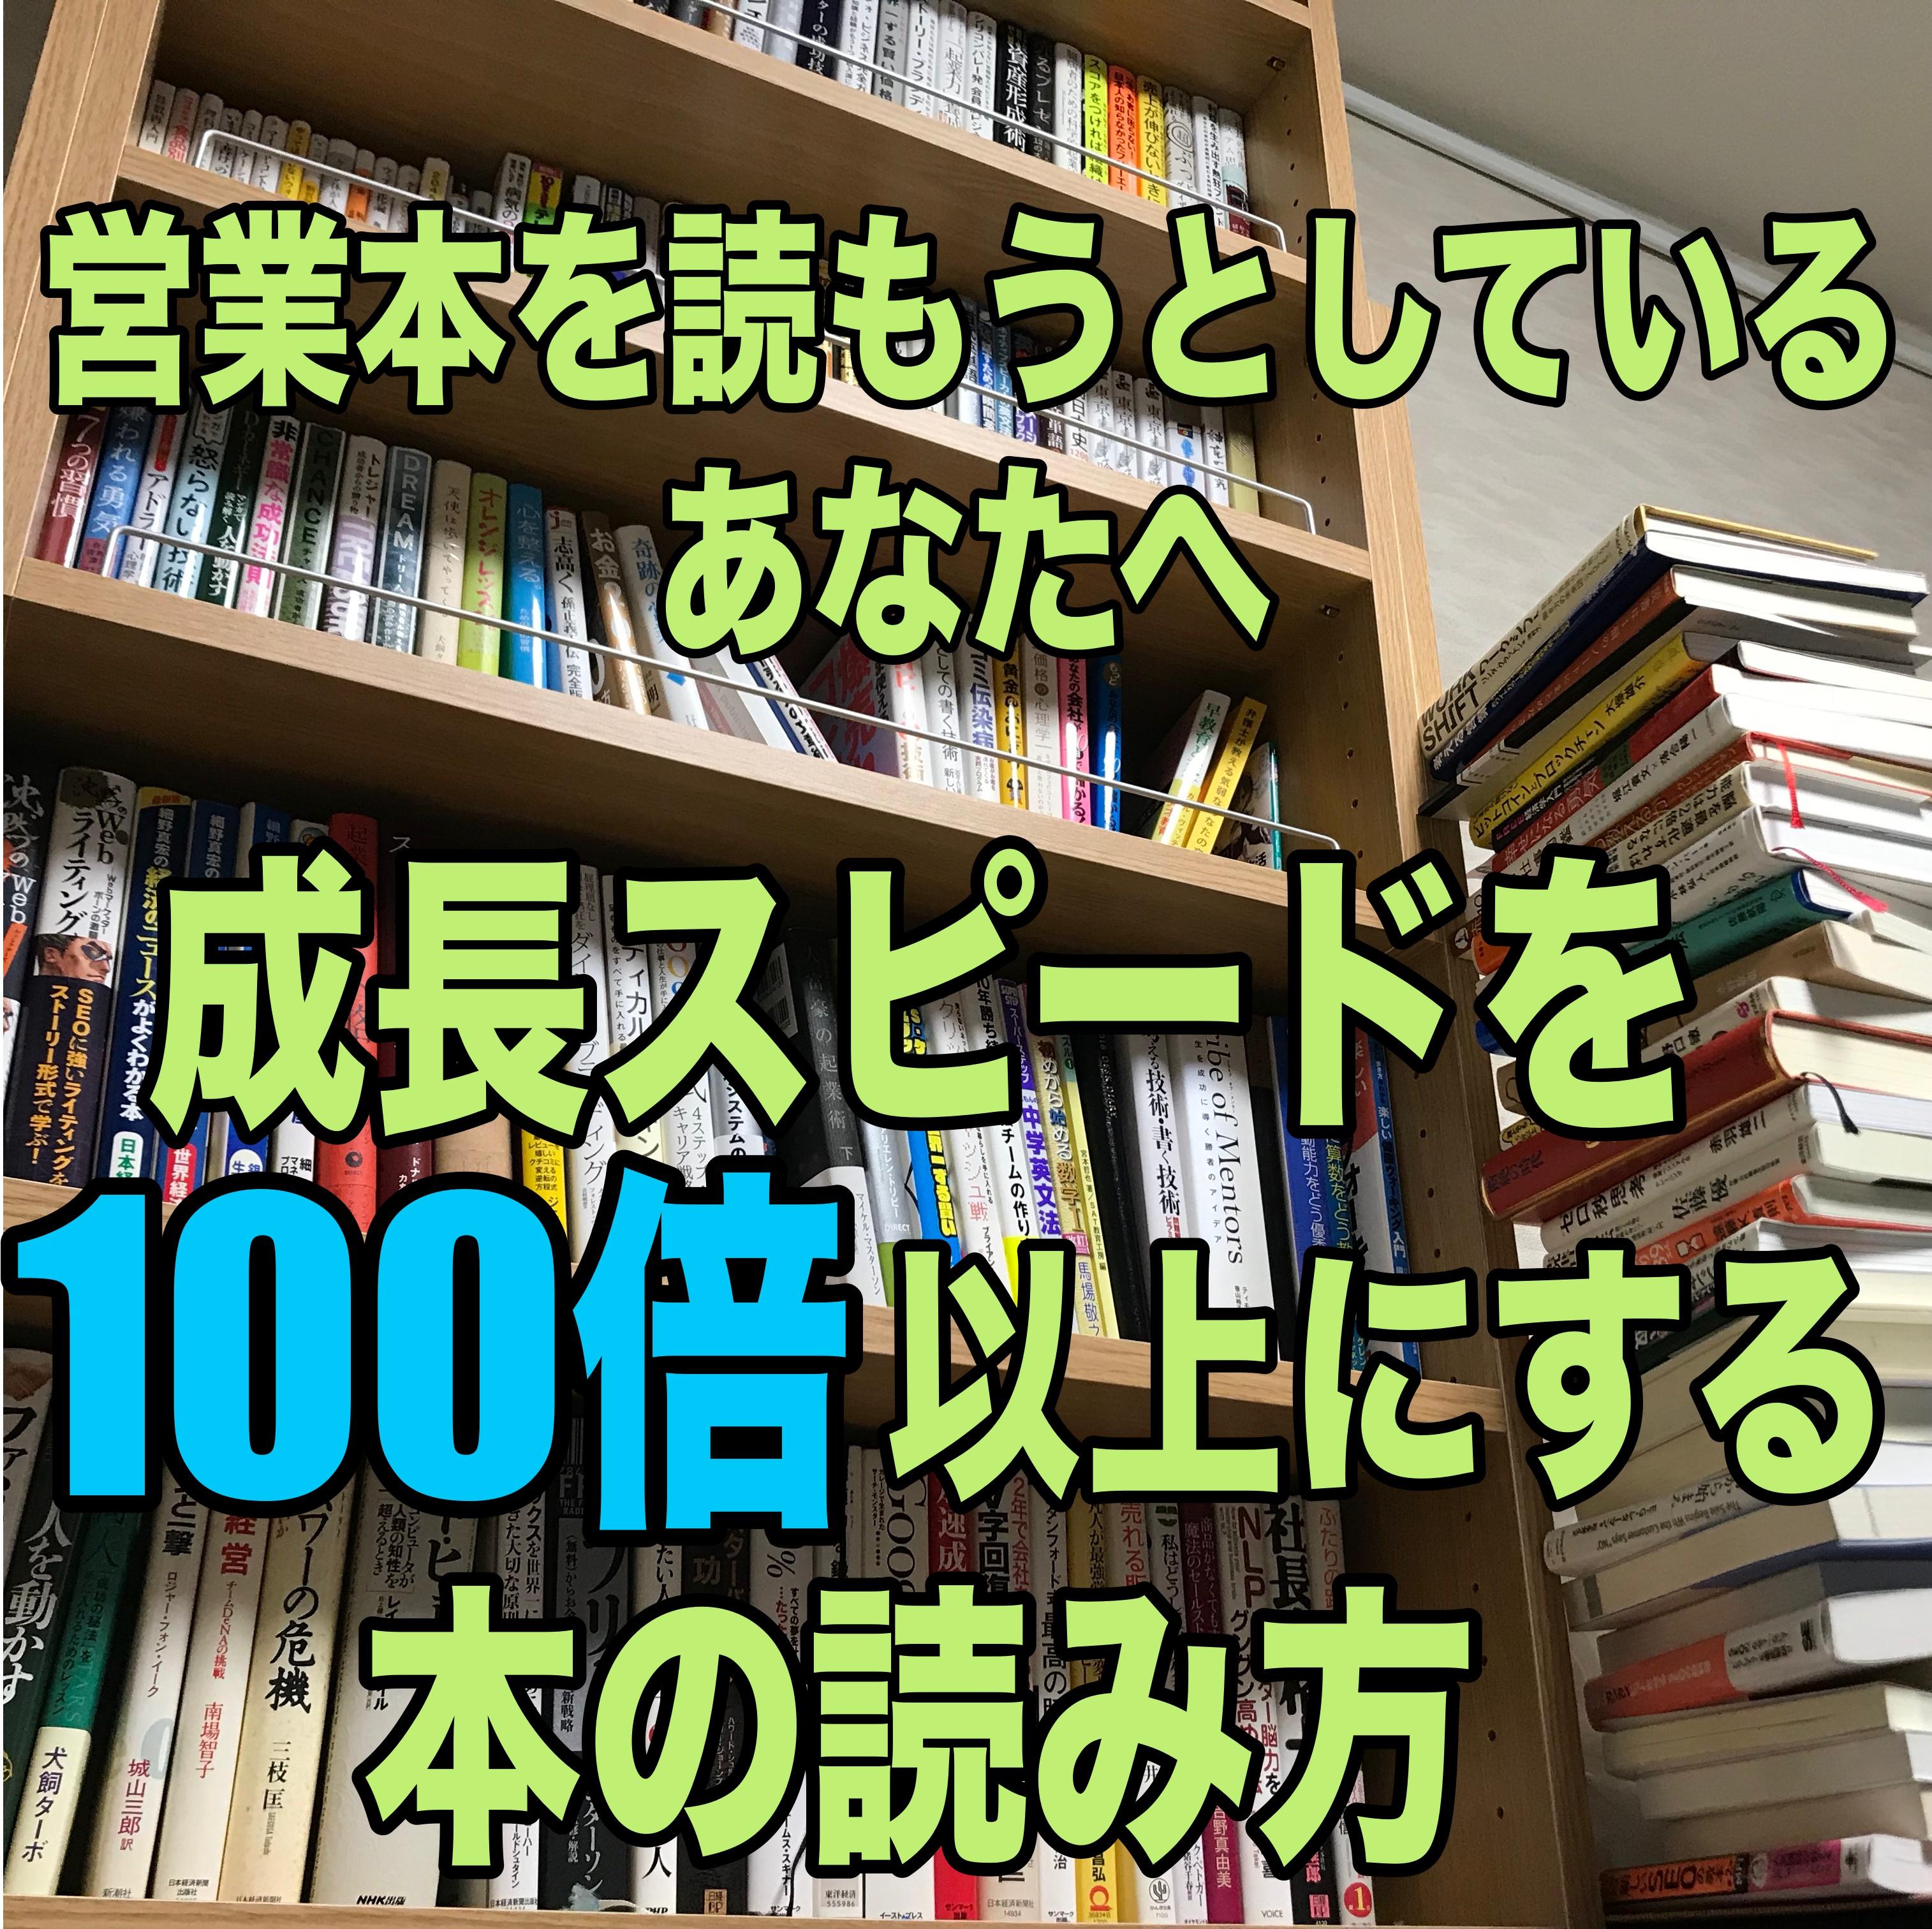 営業本を読む前に知っておきたい、成長スピードを100倍以上にする本の読み方